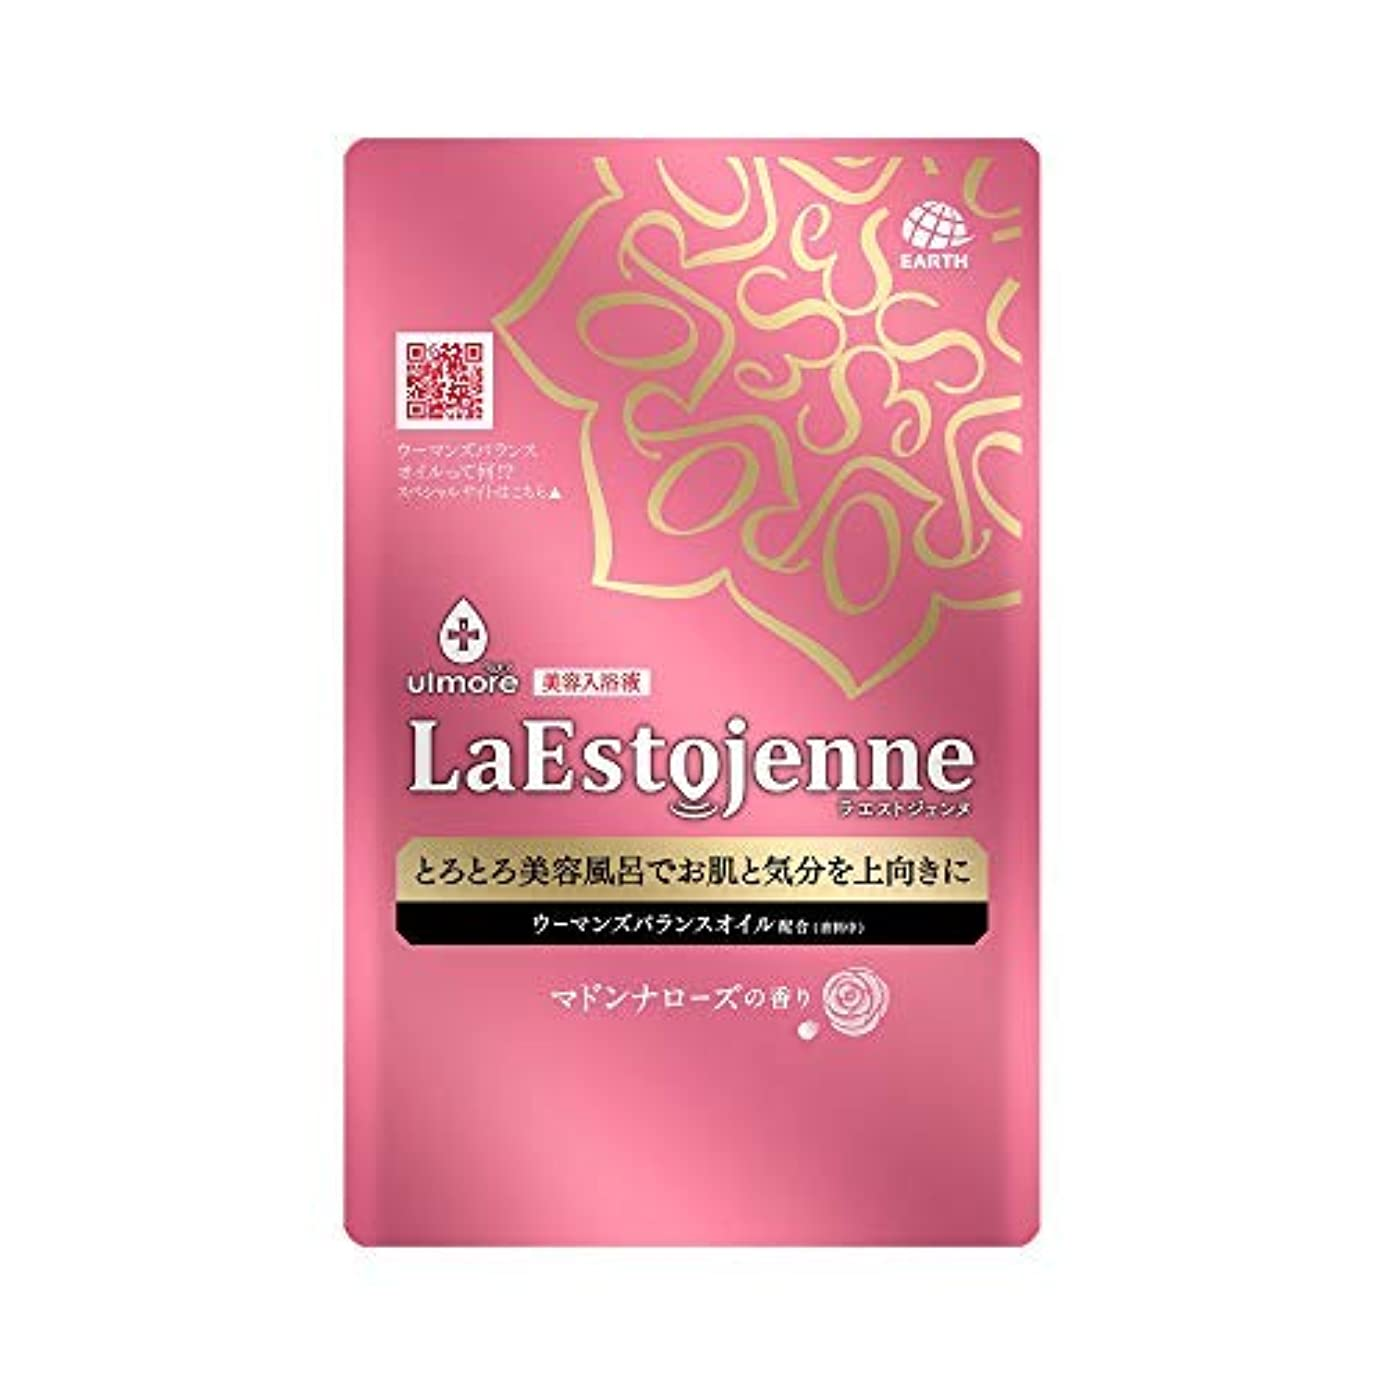 広々とした医薬ブリッジウルモア ラエストジェンヌ マドンナローズの香り 1包 × 12個セット